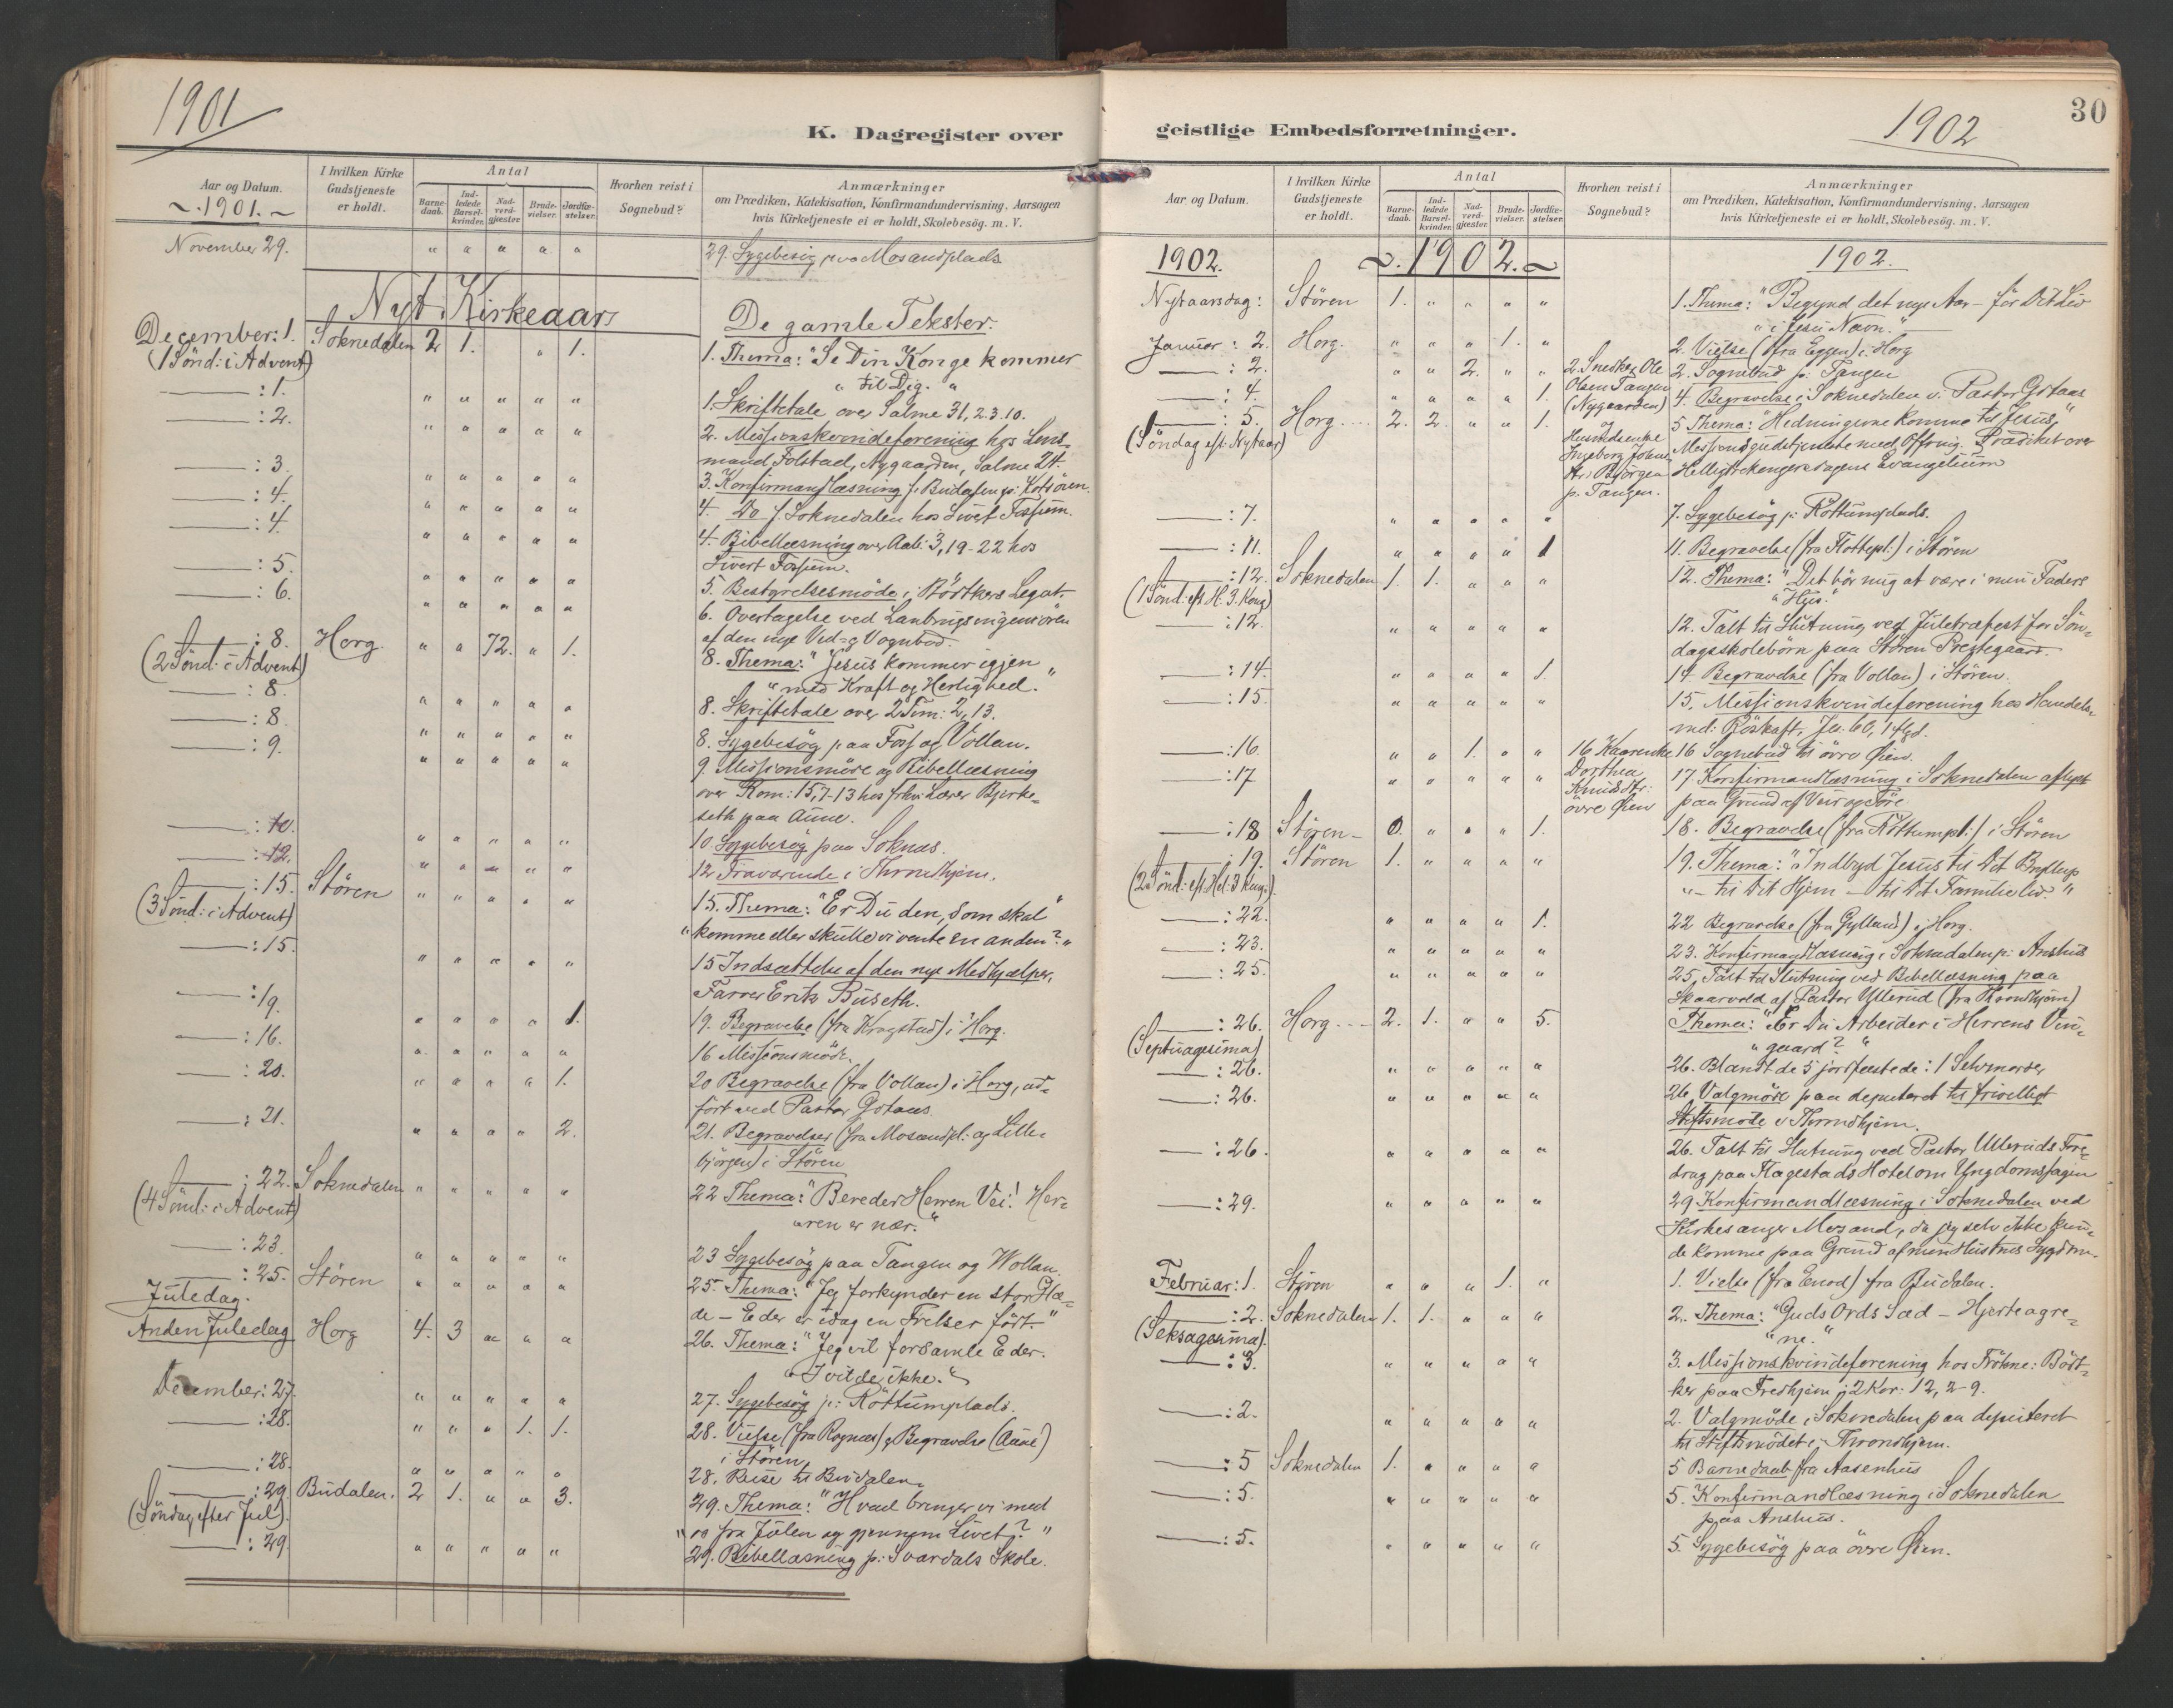 SAT, Ministerialprotokoller, klokkerbøker og fødselsregistre - Sør-Trøndelag, 687/L1005: Diary records no. 687A11, 1891-1912, p. 30